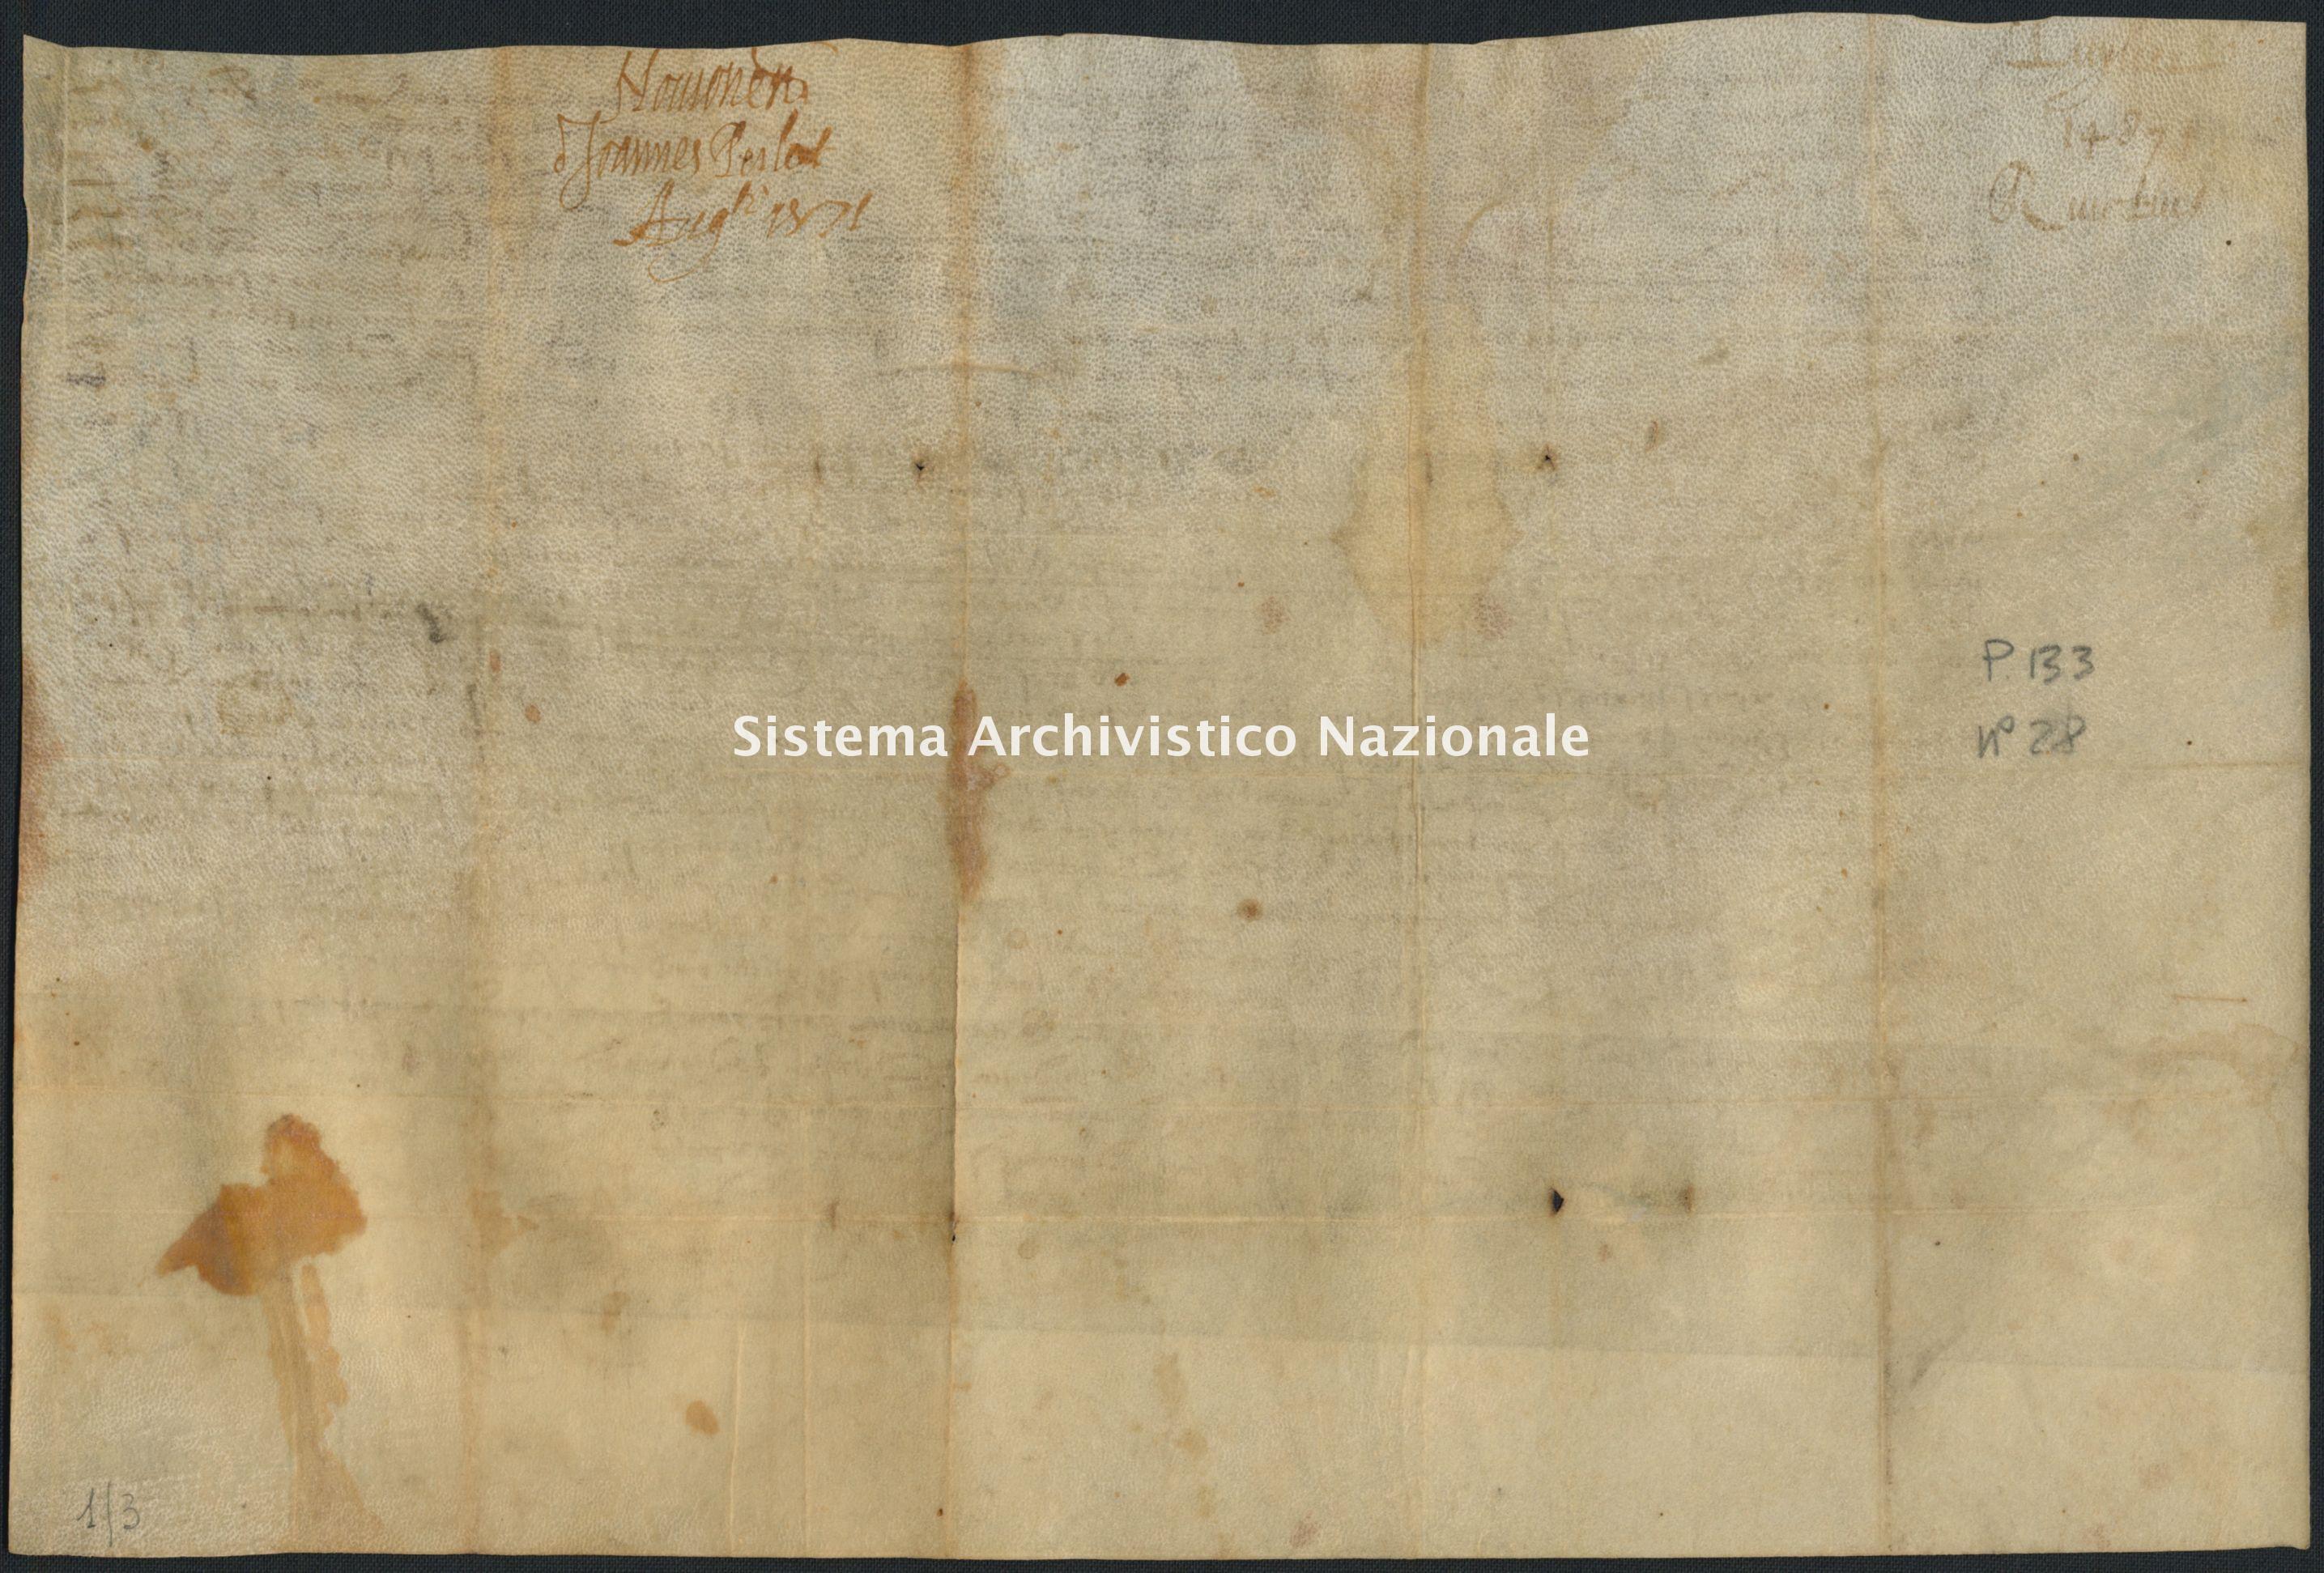 Archivio di Stato di RIETI, Pergamene provenienti dal restauro, Pergamena 01/0003